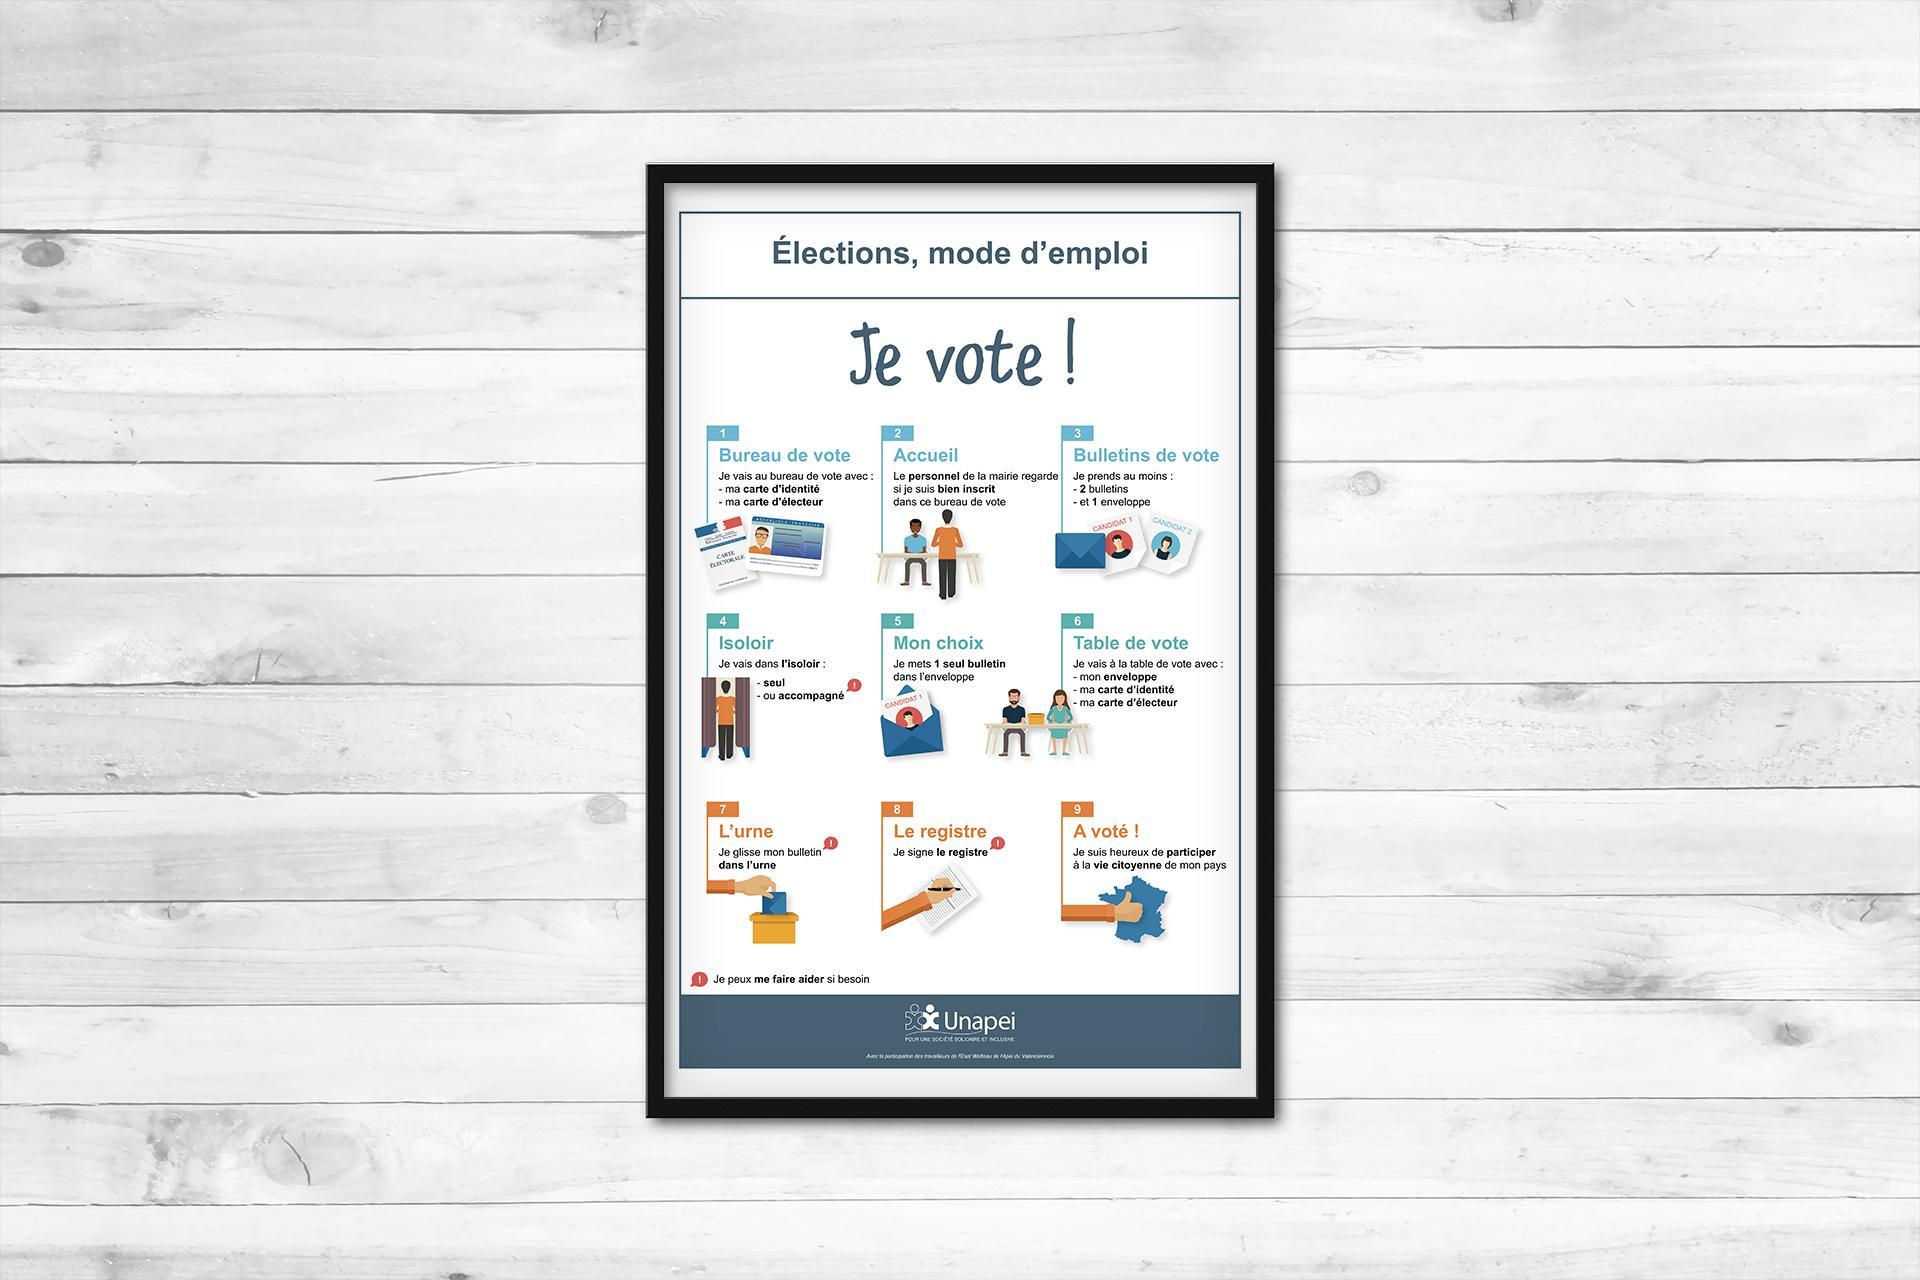 UNAPEI Vote